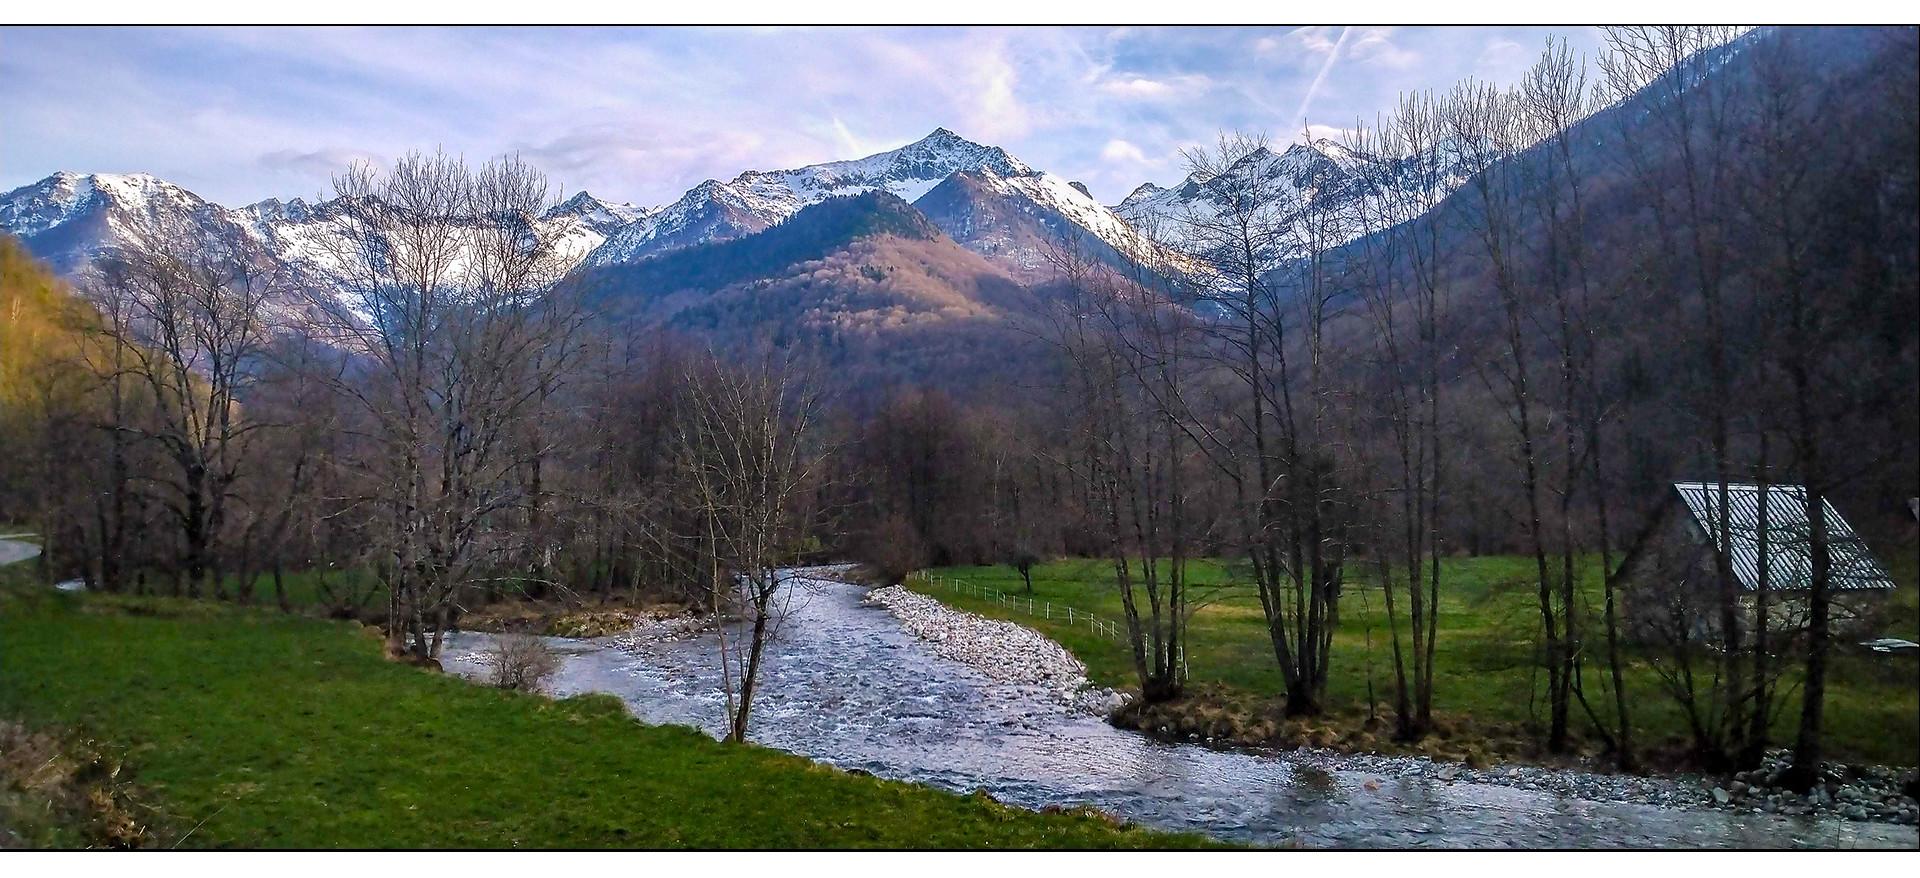 Vallée ariègeoise.jpg